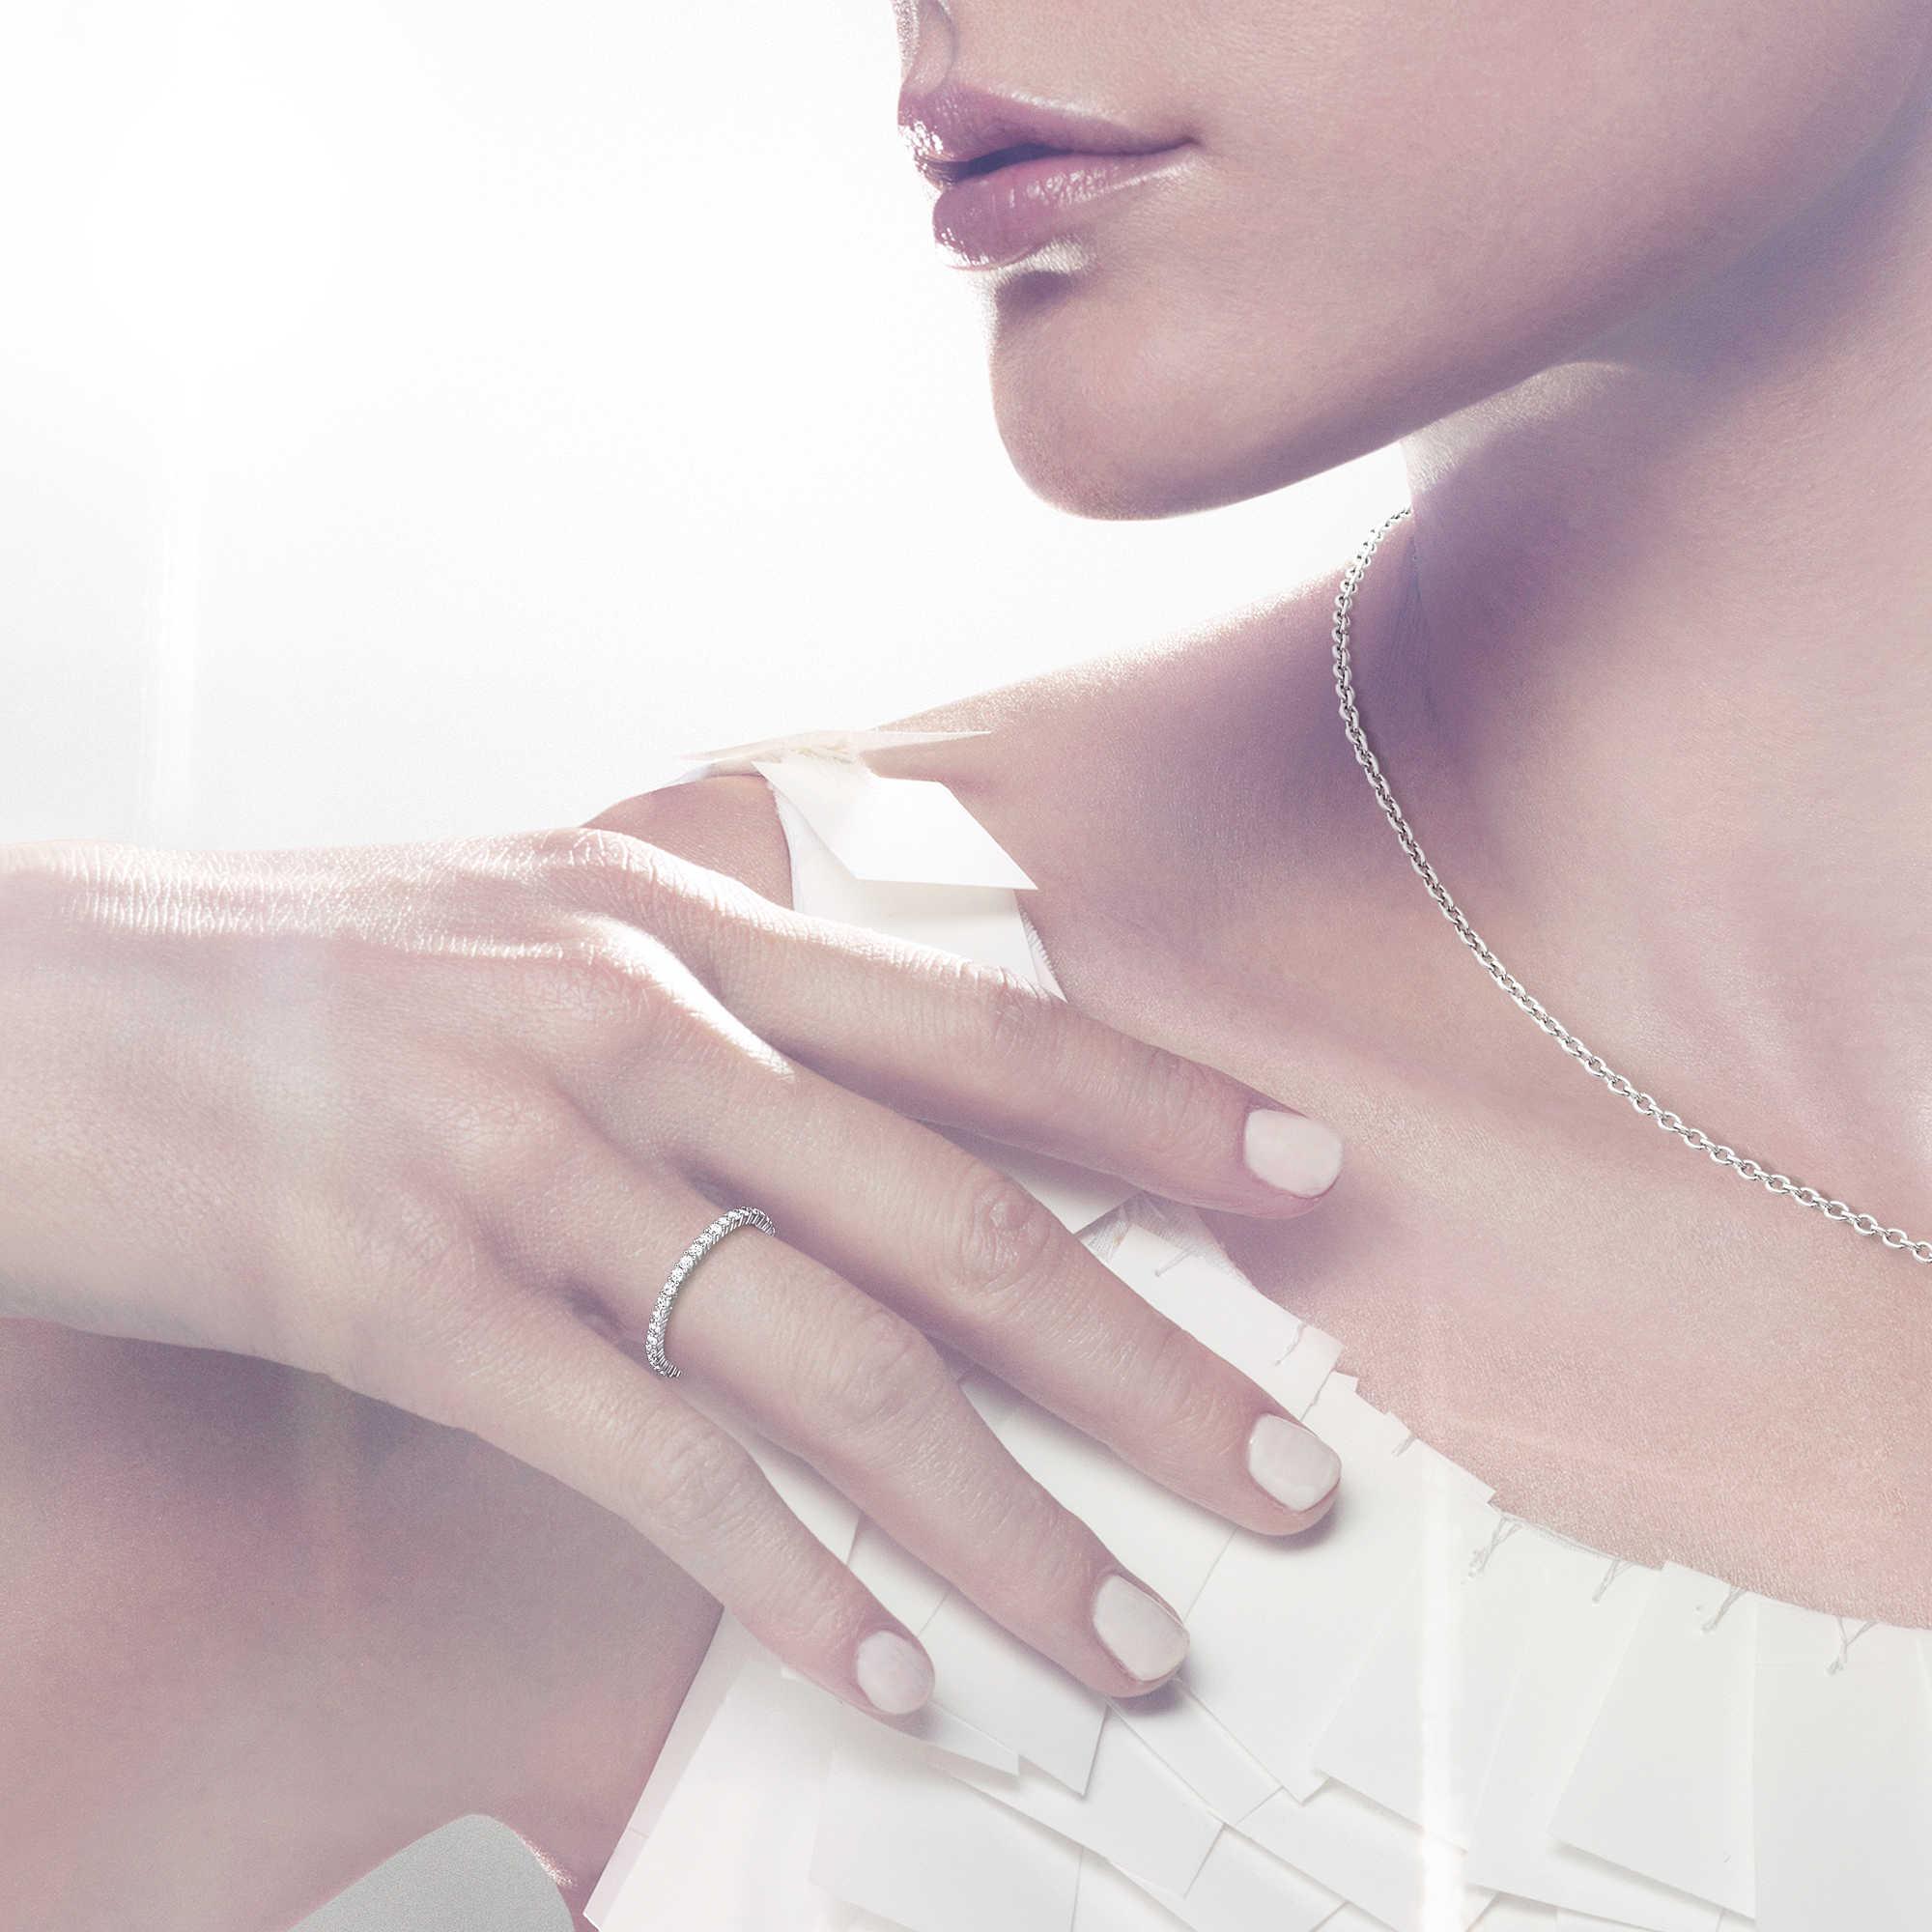 prezzo minimo cerca l'originale Vendita scontata 2019 anello donna gioielli Swarovski Vittore 5007779